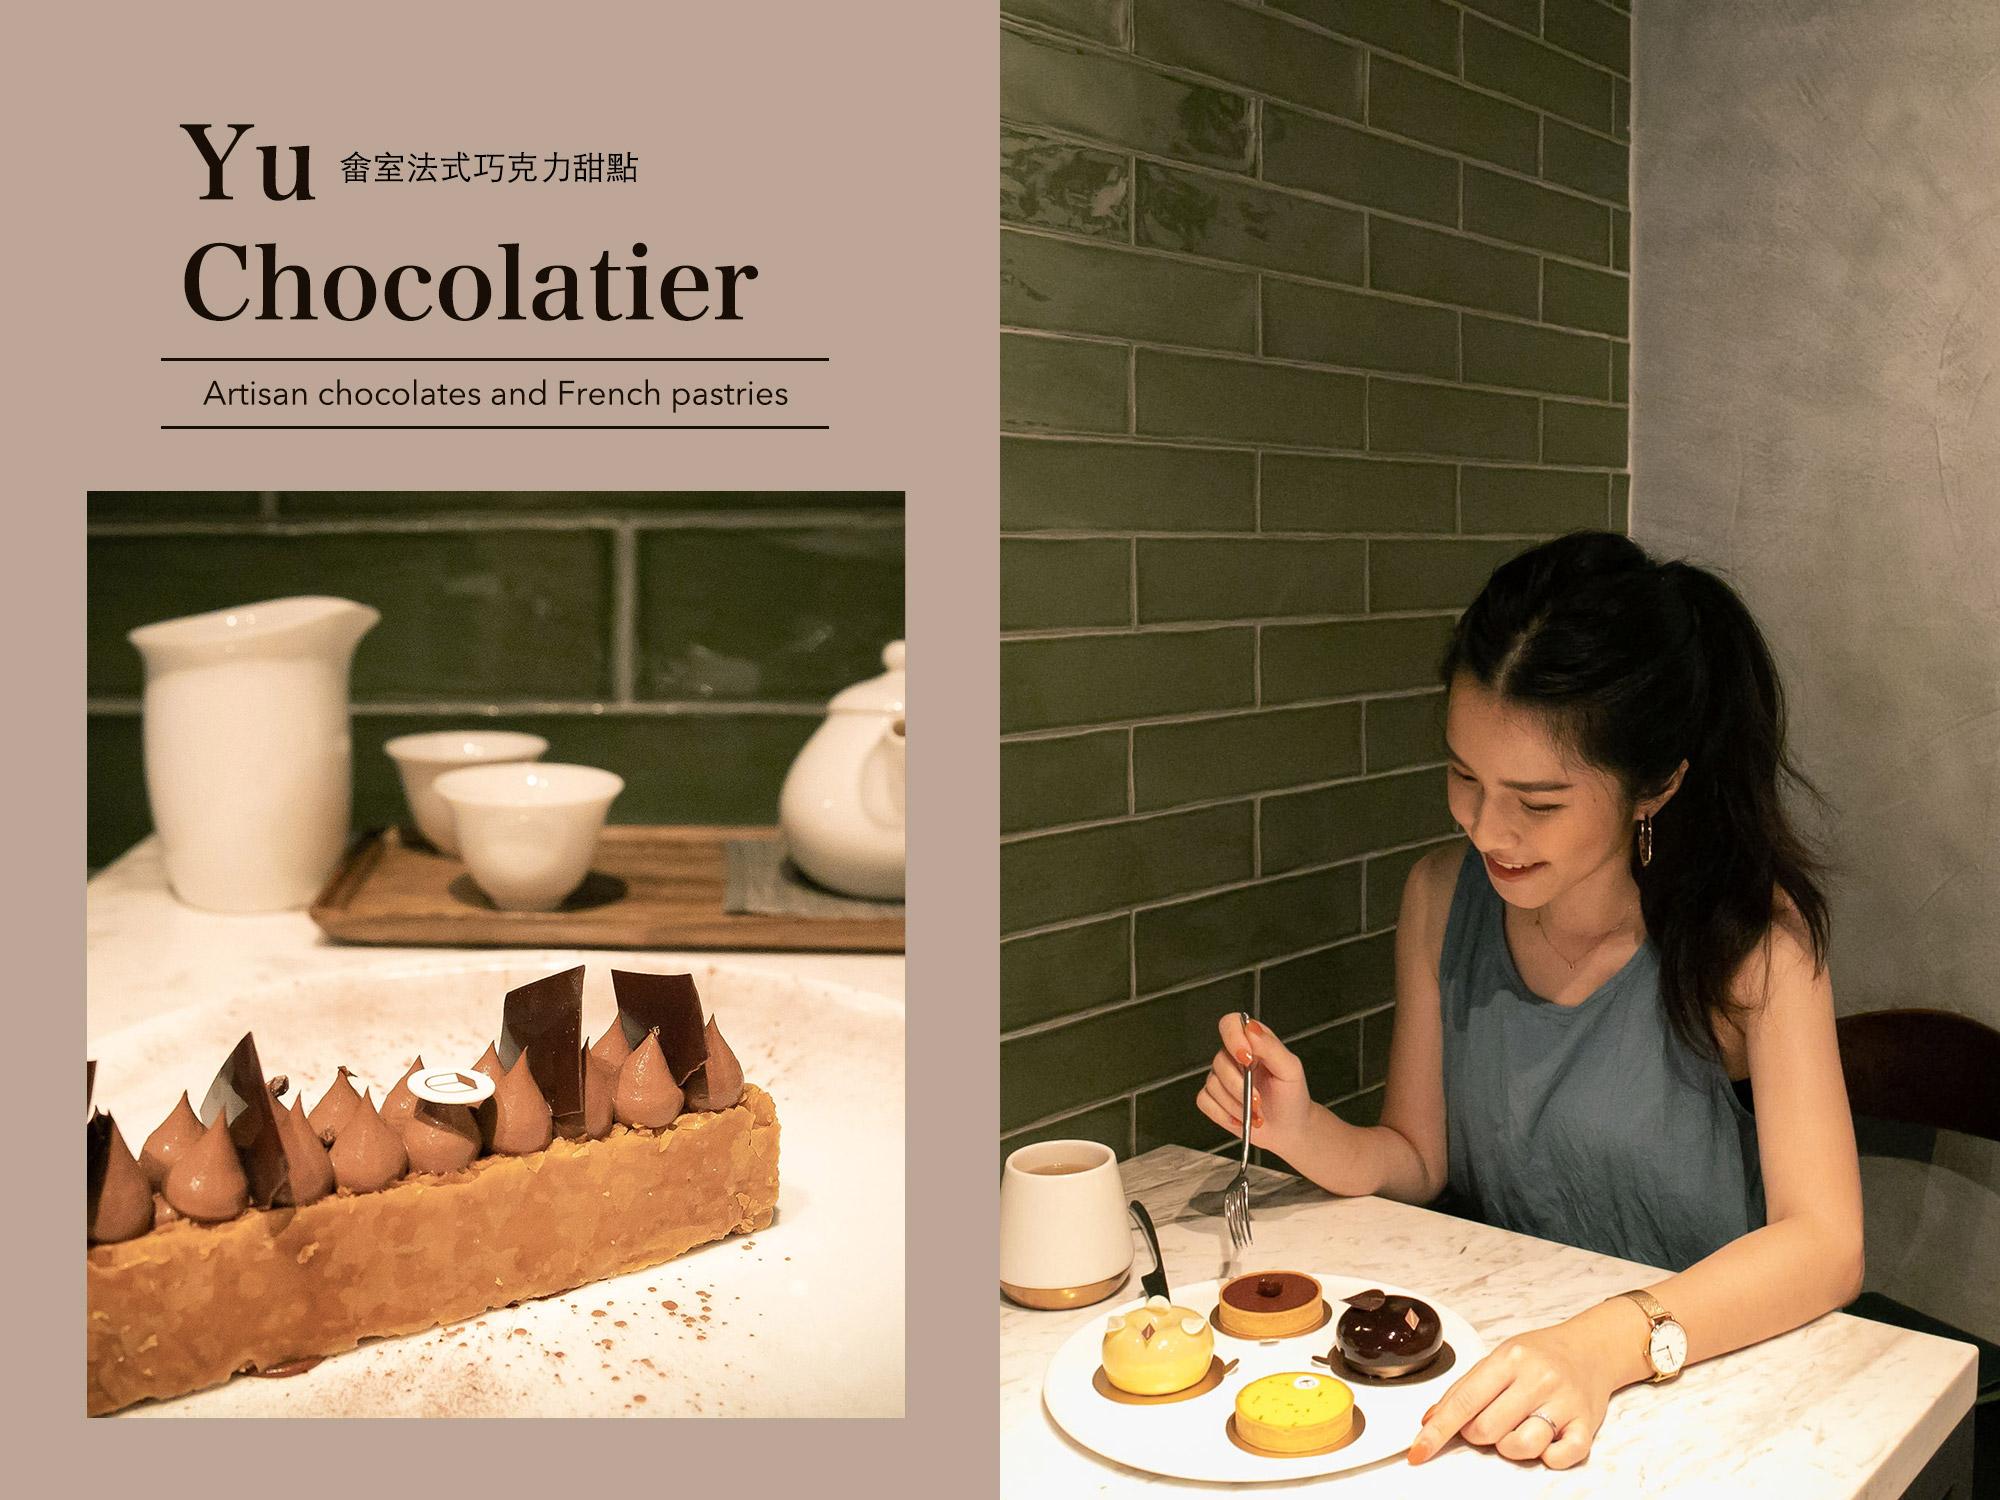 Yu Chocolatier畬室法式巧克力甜點|如置身天堂般的美味幸福感,法式千層蛋糕甜食控下午茶必吃!(內含menu菜單&價位)